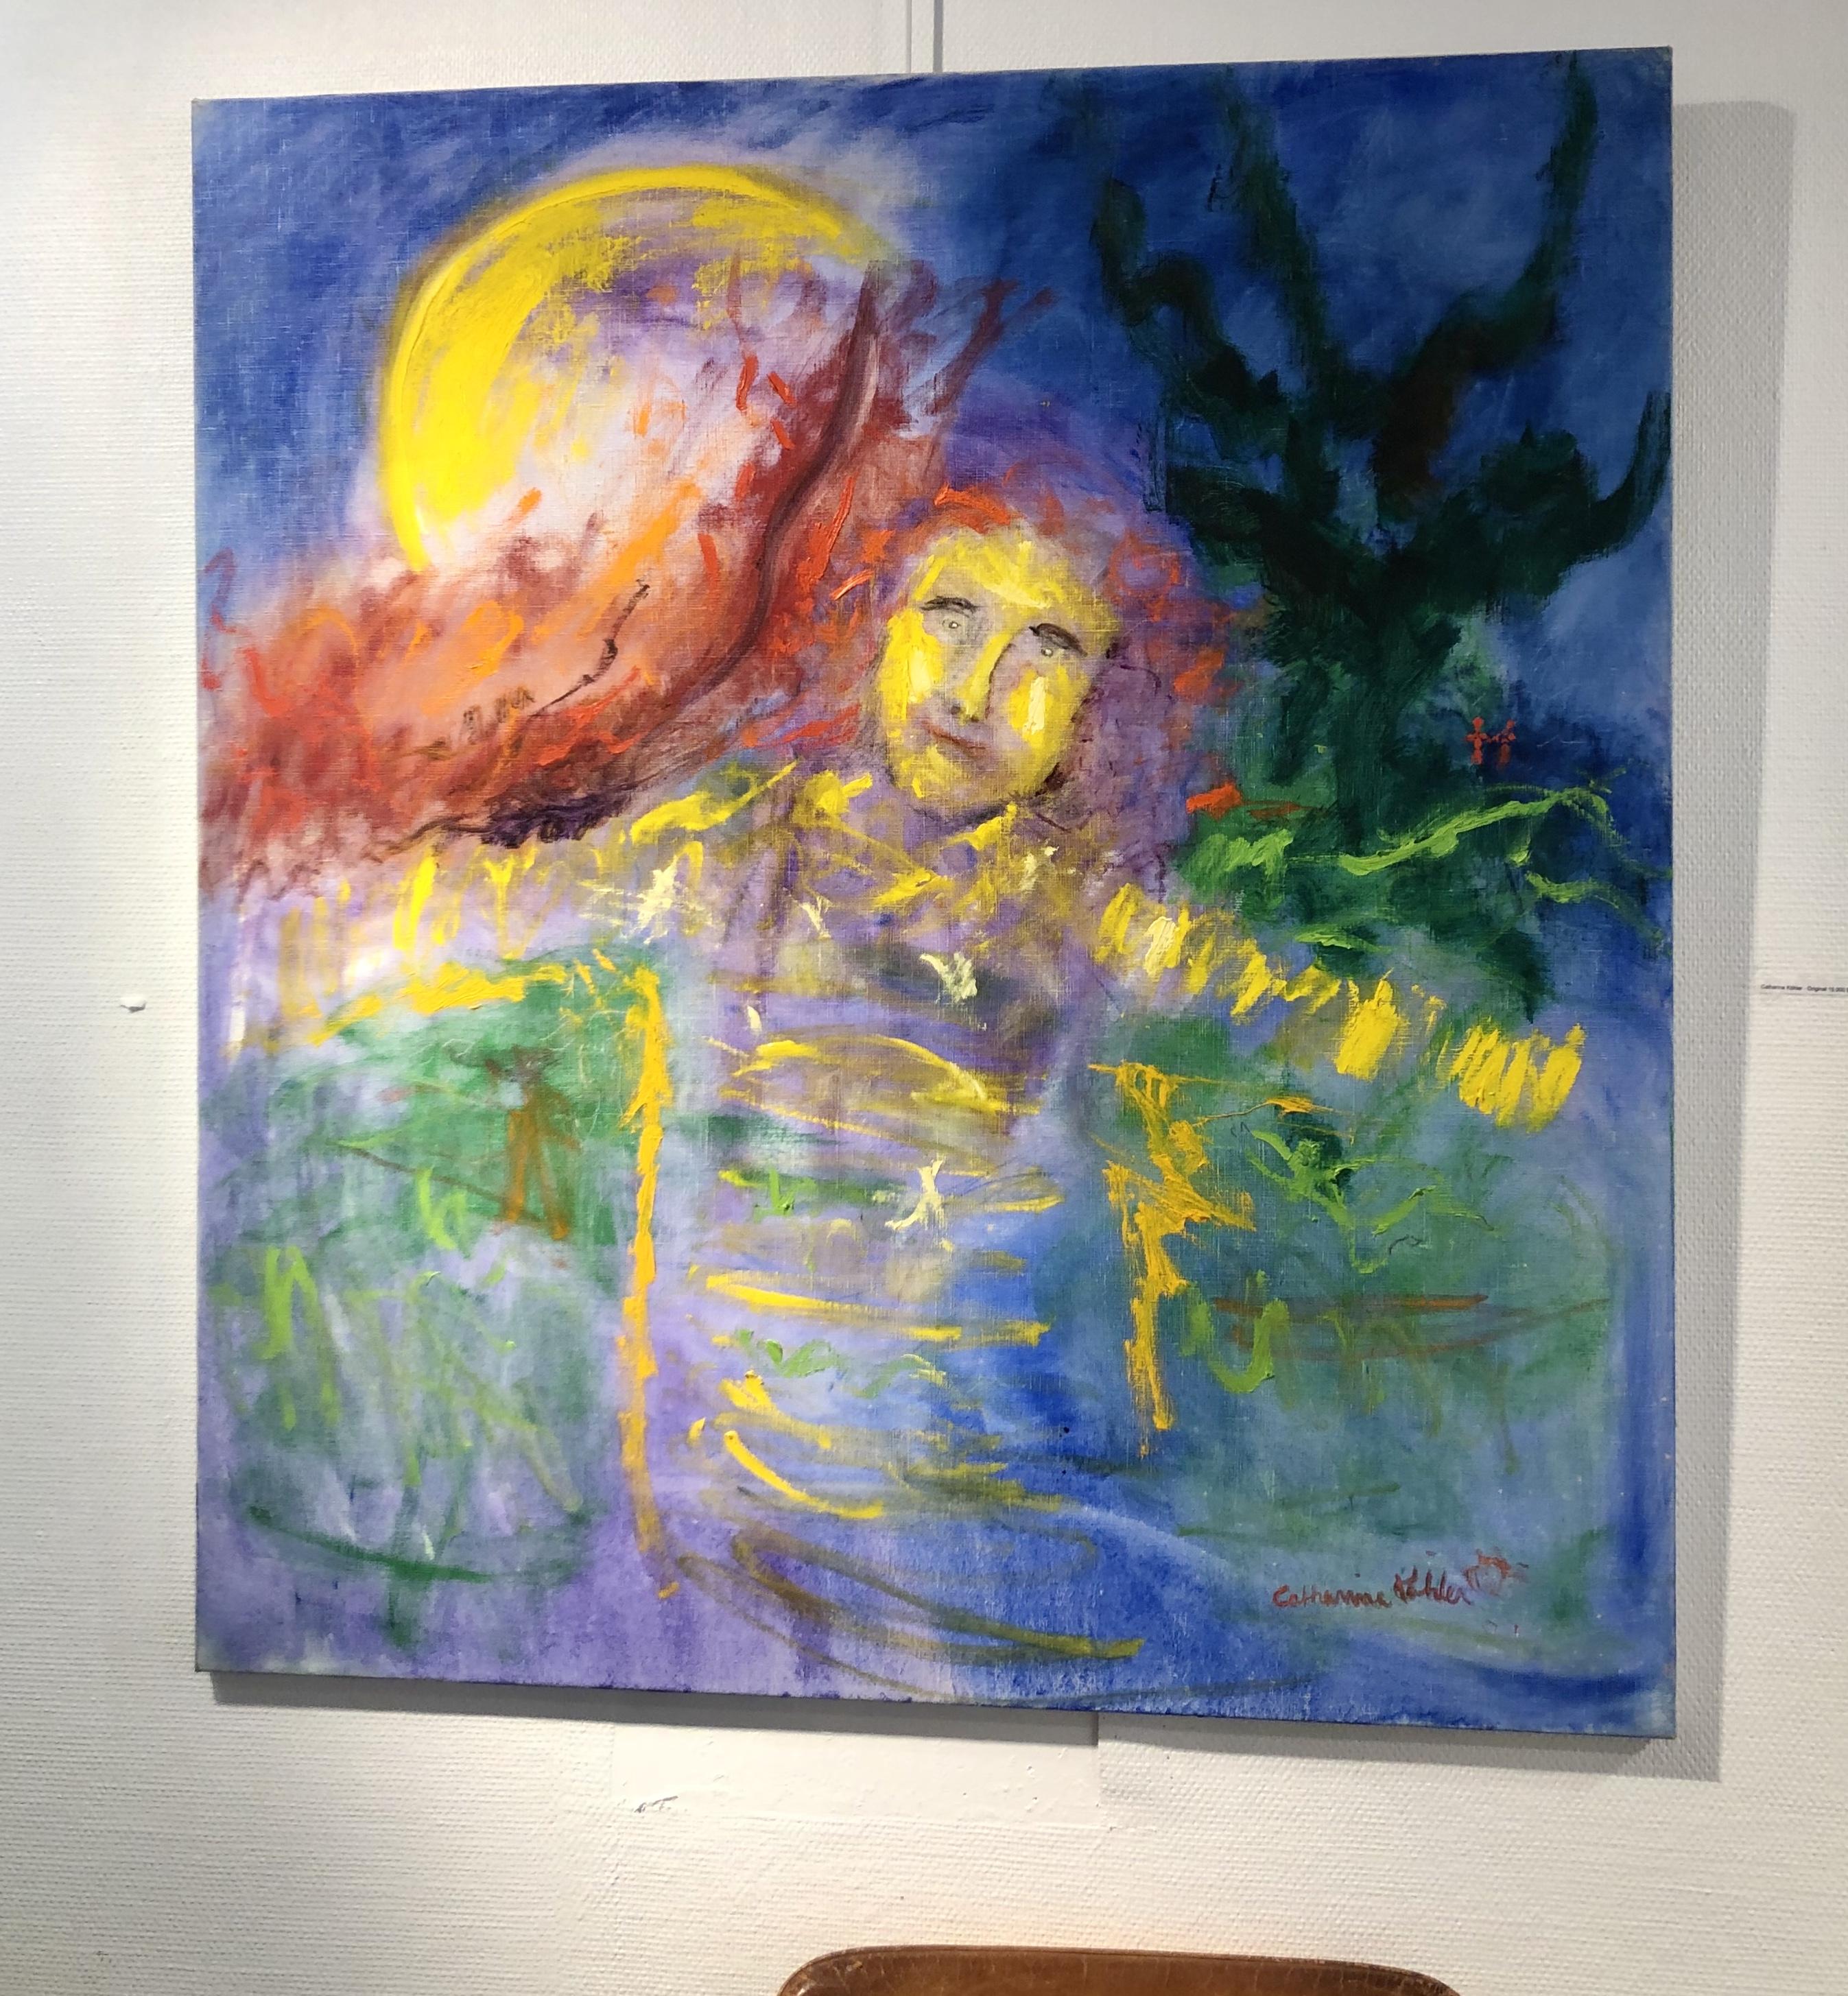 Catharina Köhler - Original på duk. 110x120 cm